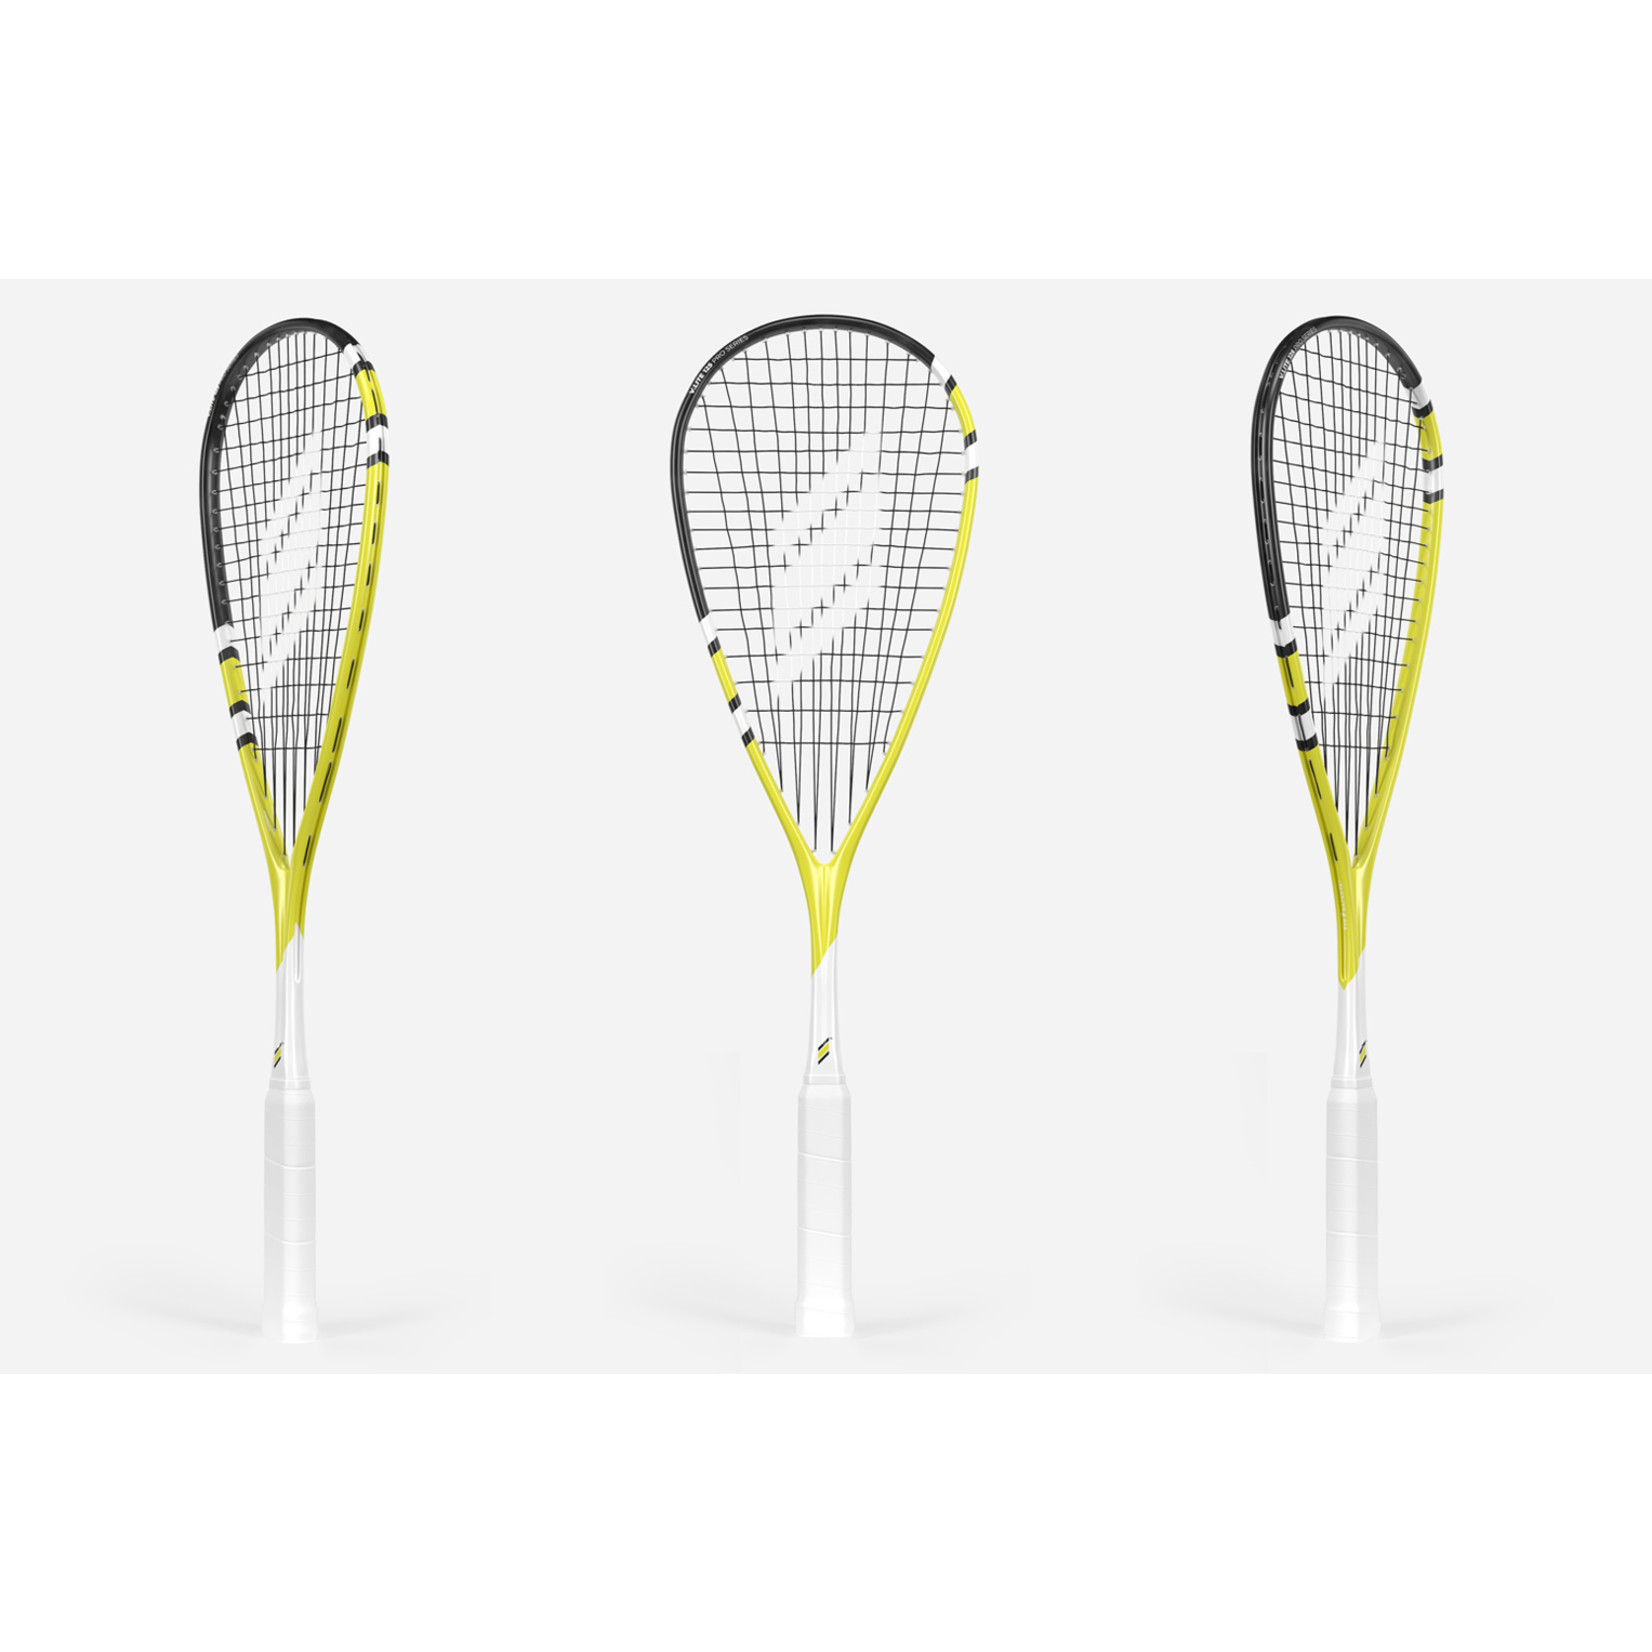 Eye V.lite 125 Pro squashracket